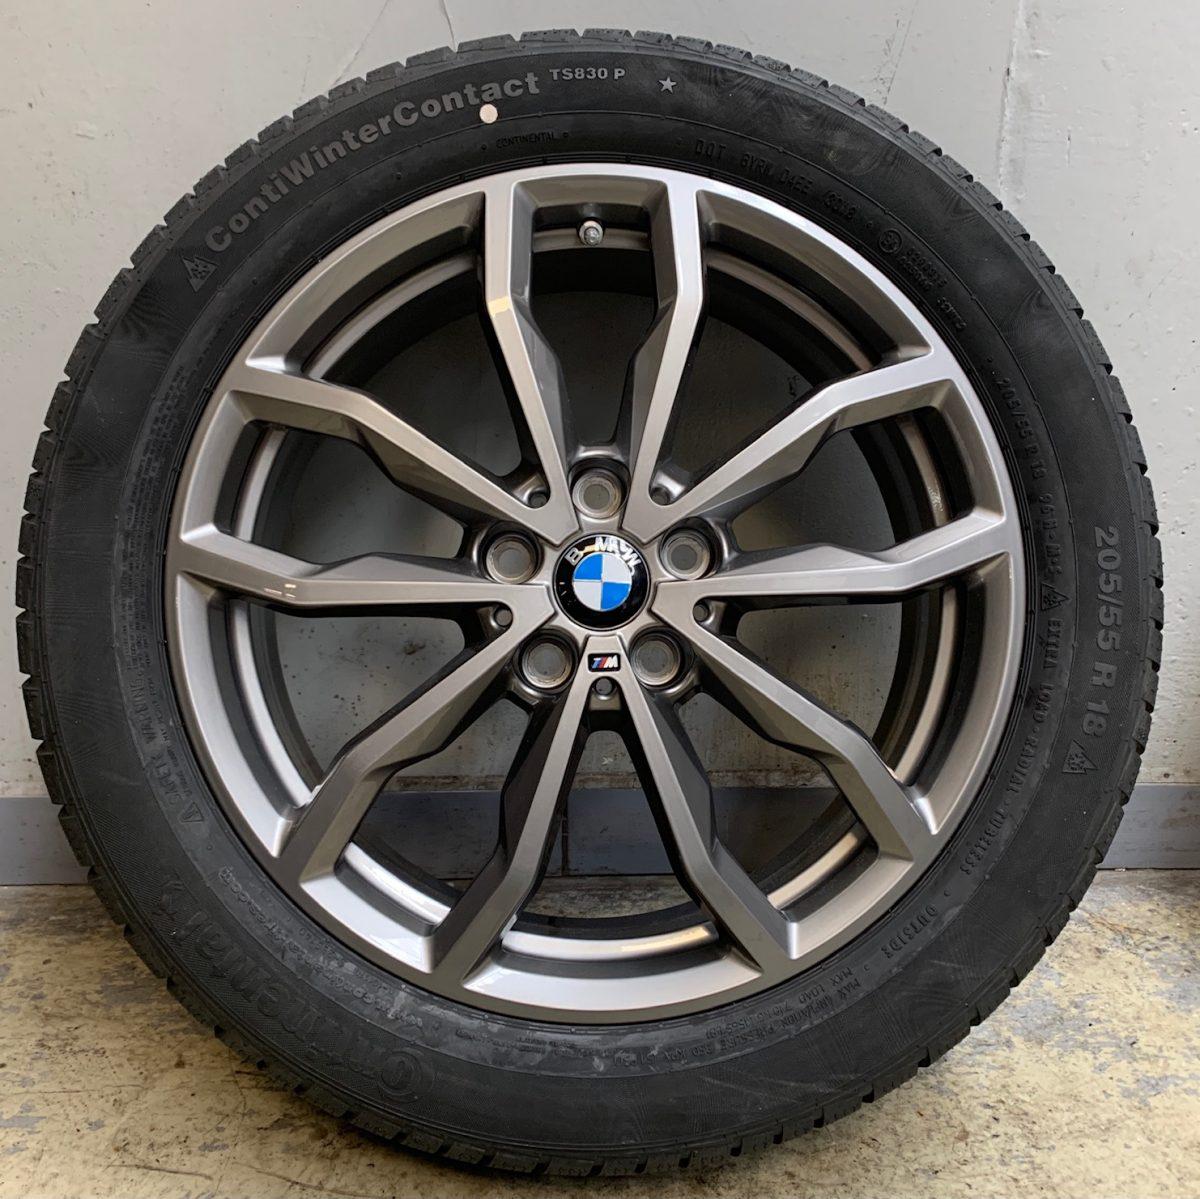 BMW X1-X2 F48-F39 (711M styl) 6,5X18 5x112 új télikerék-garnitúra Continental gumikkal 1